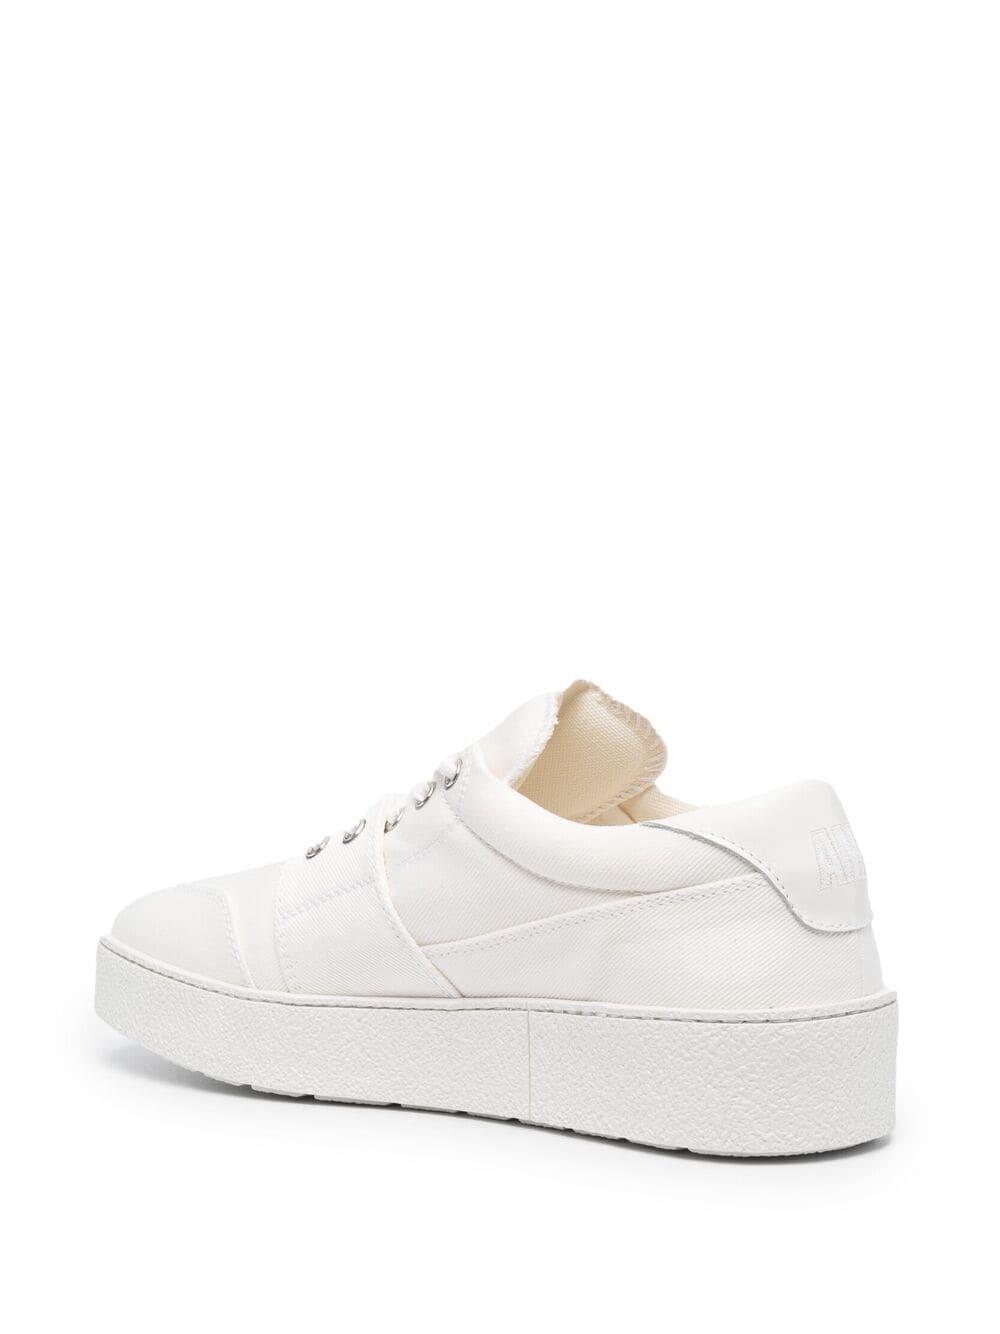 Ami Alexandre Mattiussi sneakers bassa uomo bianco AMI - ALEXANDRE MATTIUSSI   Sneakers   E21S400.962100